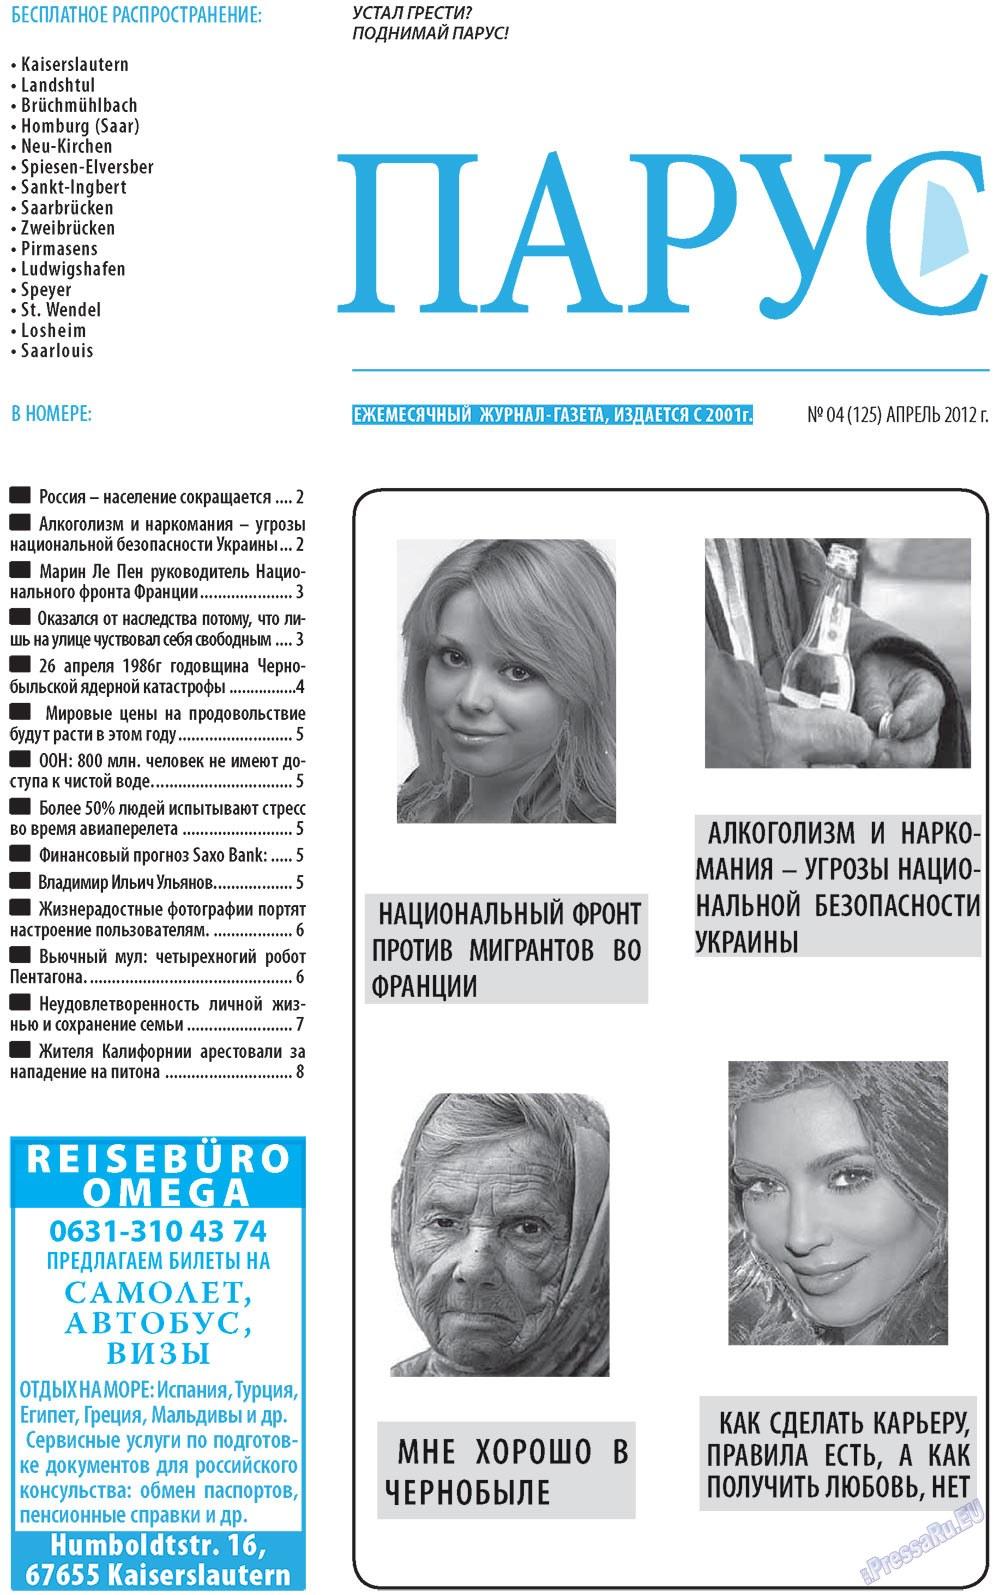 Парус (газета). 2012 год, номер 4, стр. 1